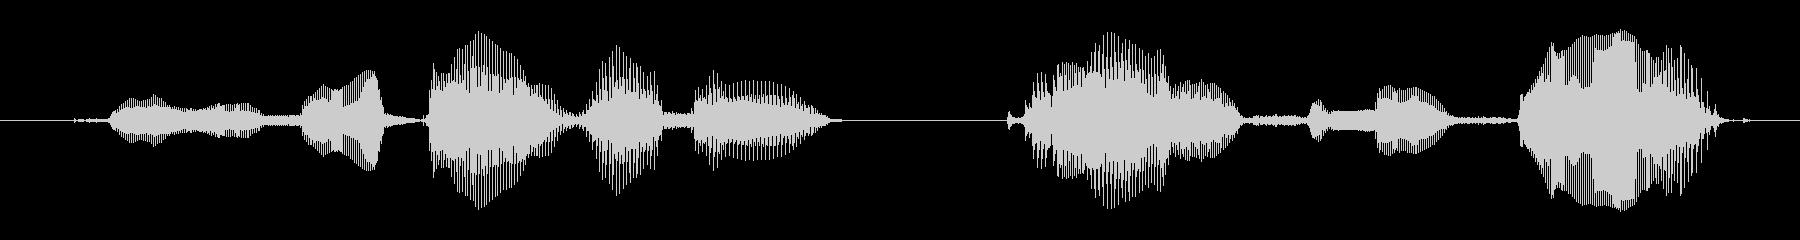 次の動画でお会いしましょうの未再生の波形